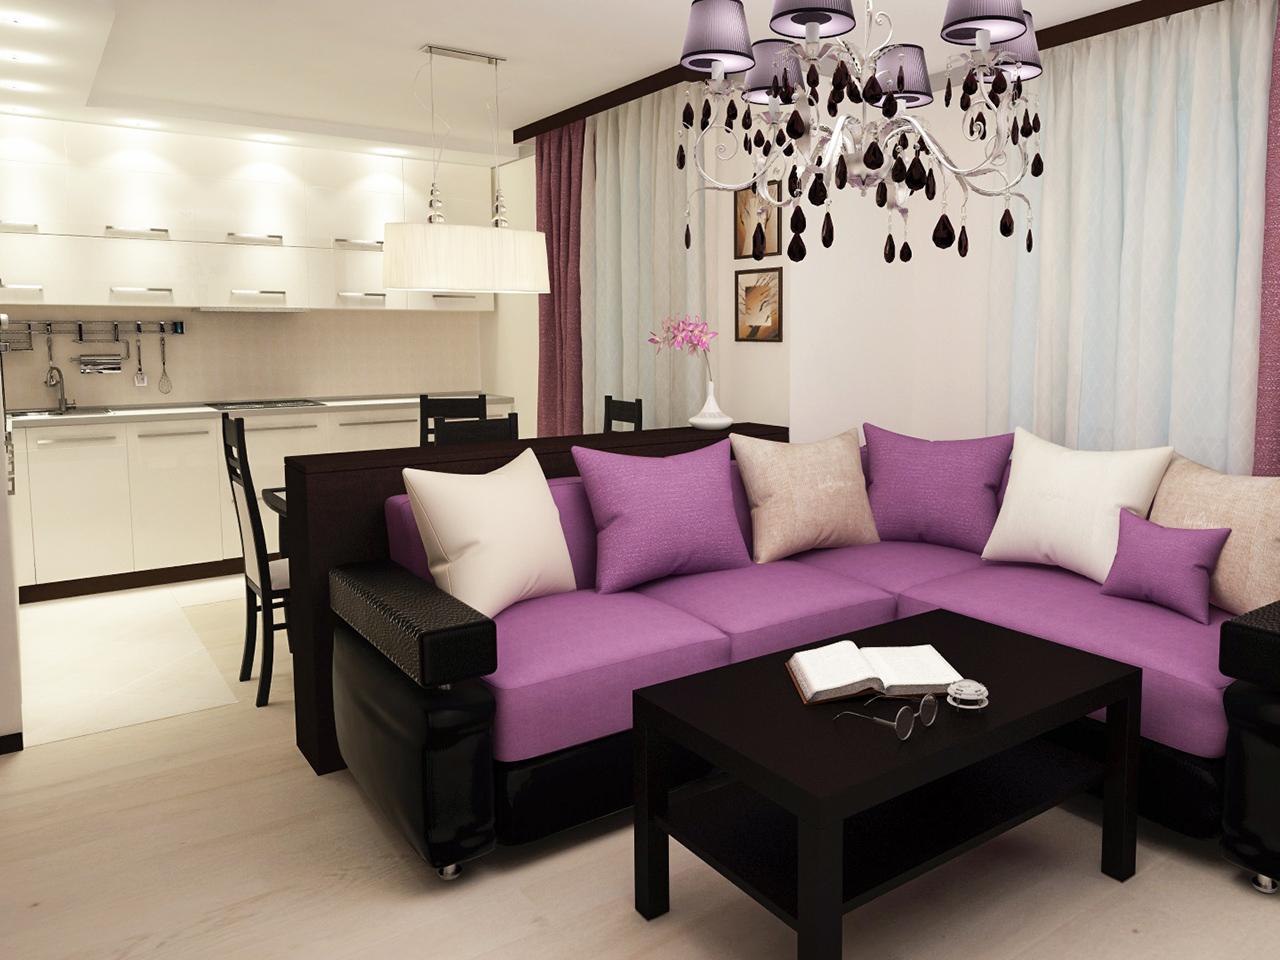 Дизайн интерьера однокомнатной квартиры на ул. Ильянской, 4